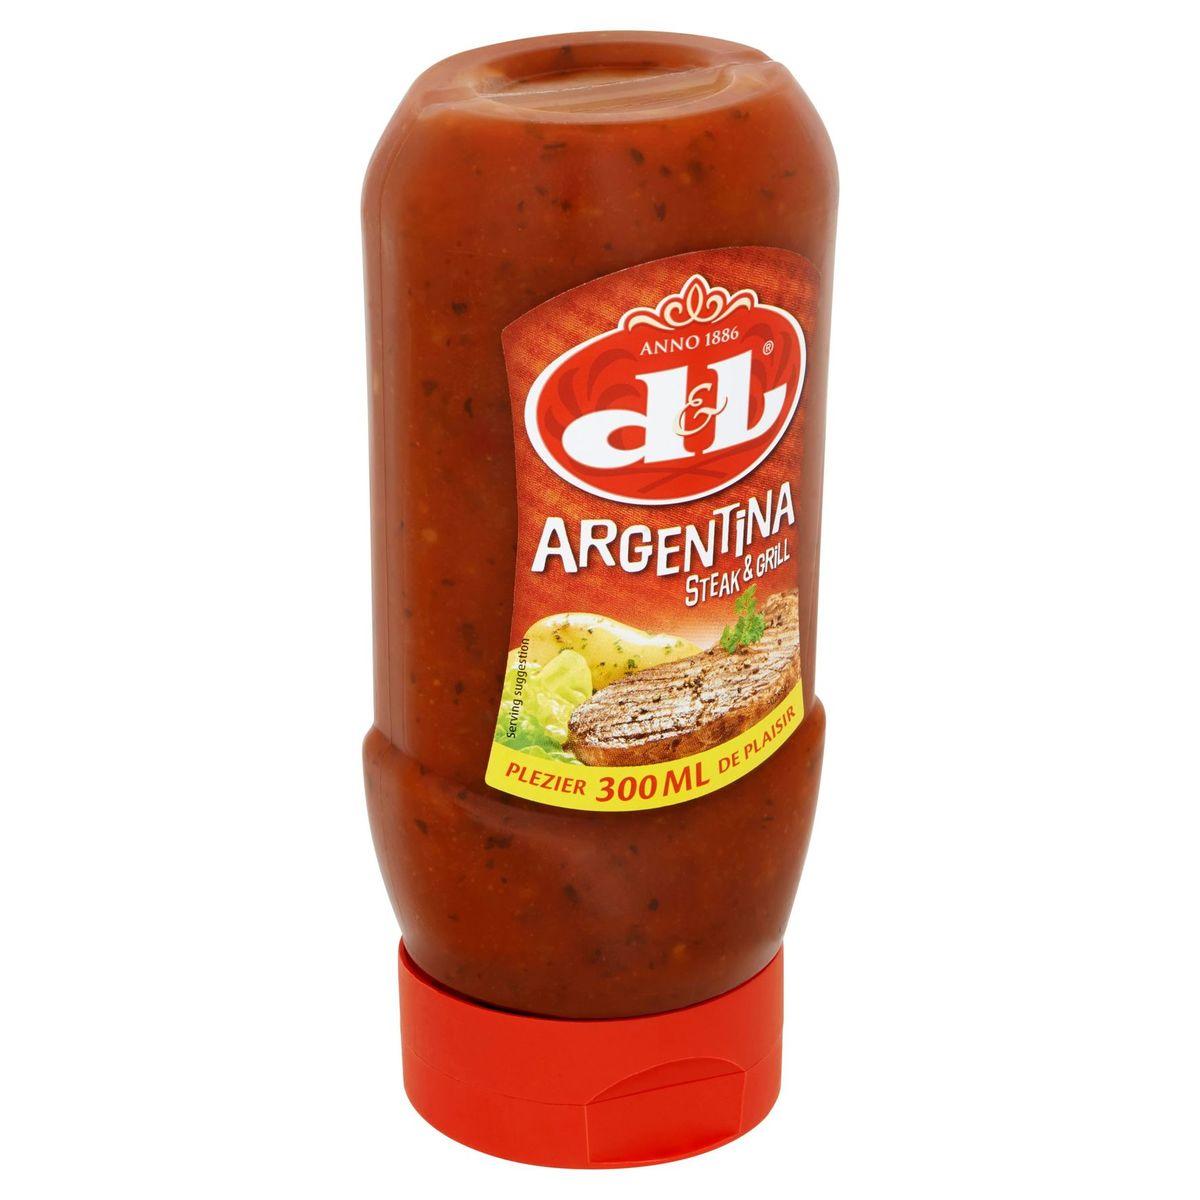 D&L Argentina Steak & Grill 300 ml